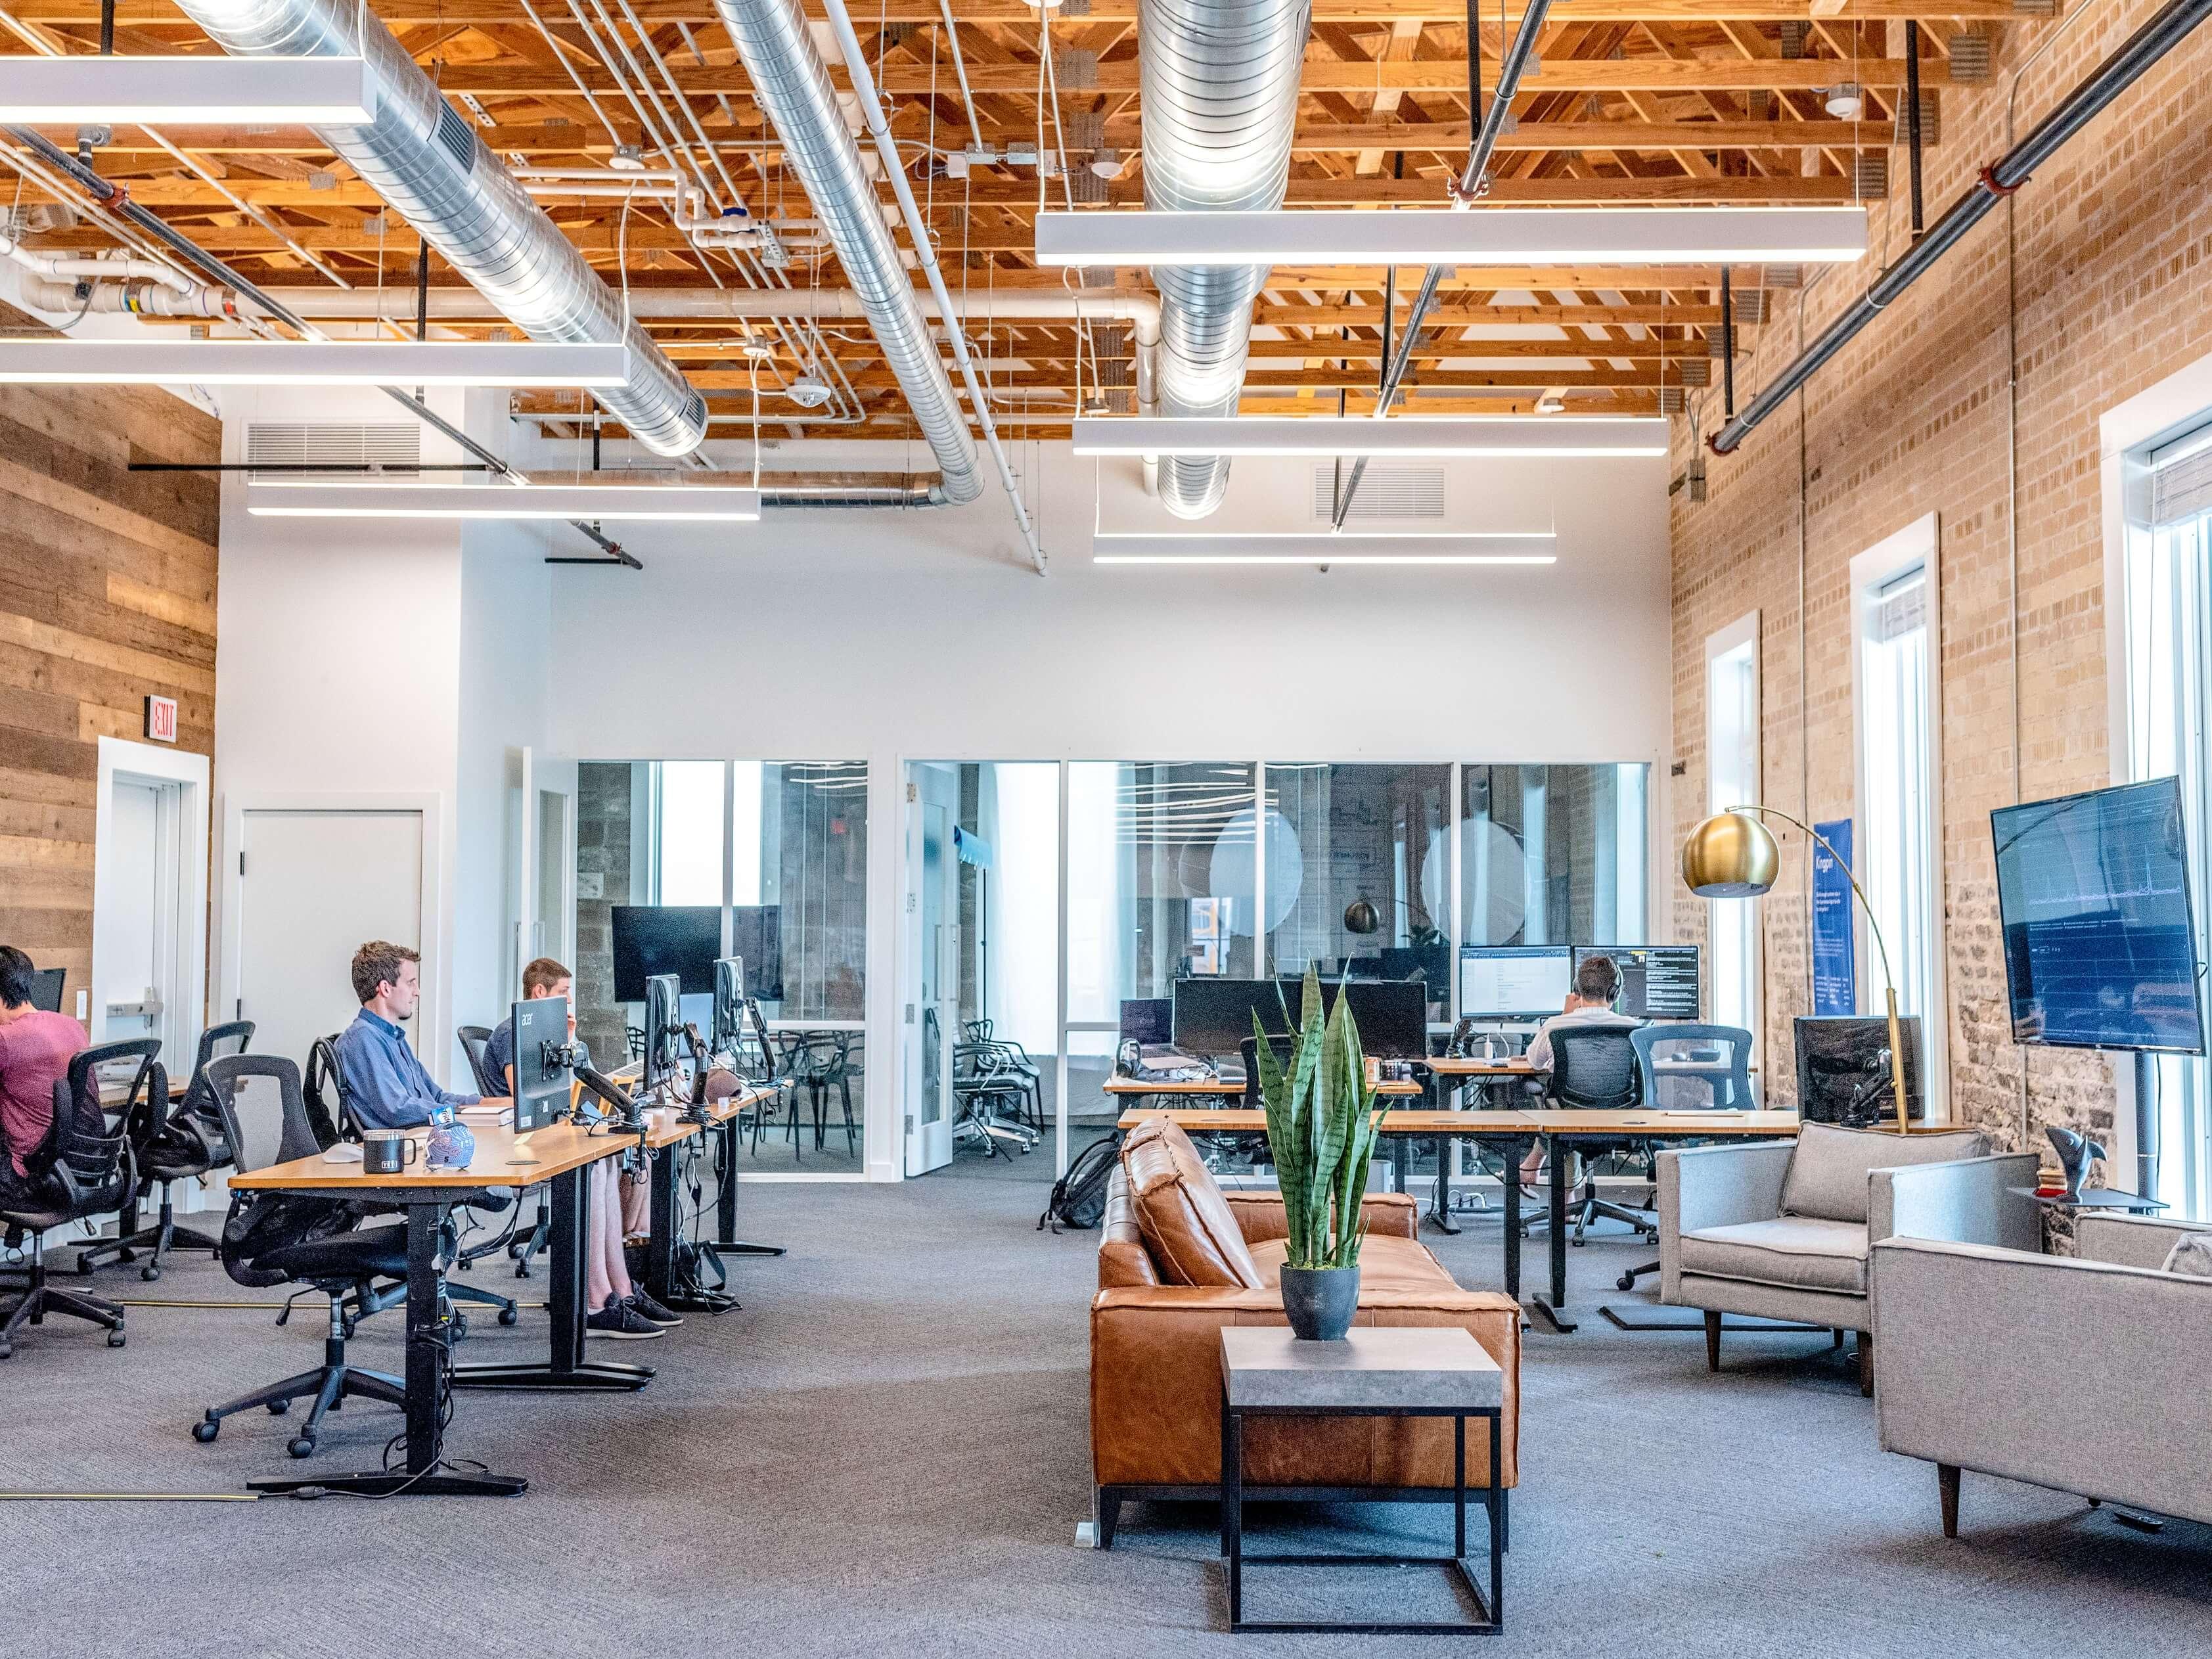 Traer a los empleados de vuelta al trabajo: Soluciones simples para abordar problemas complejos